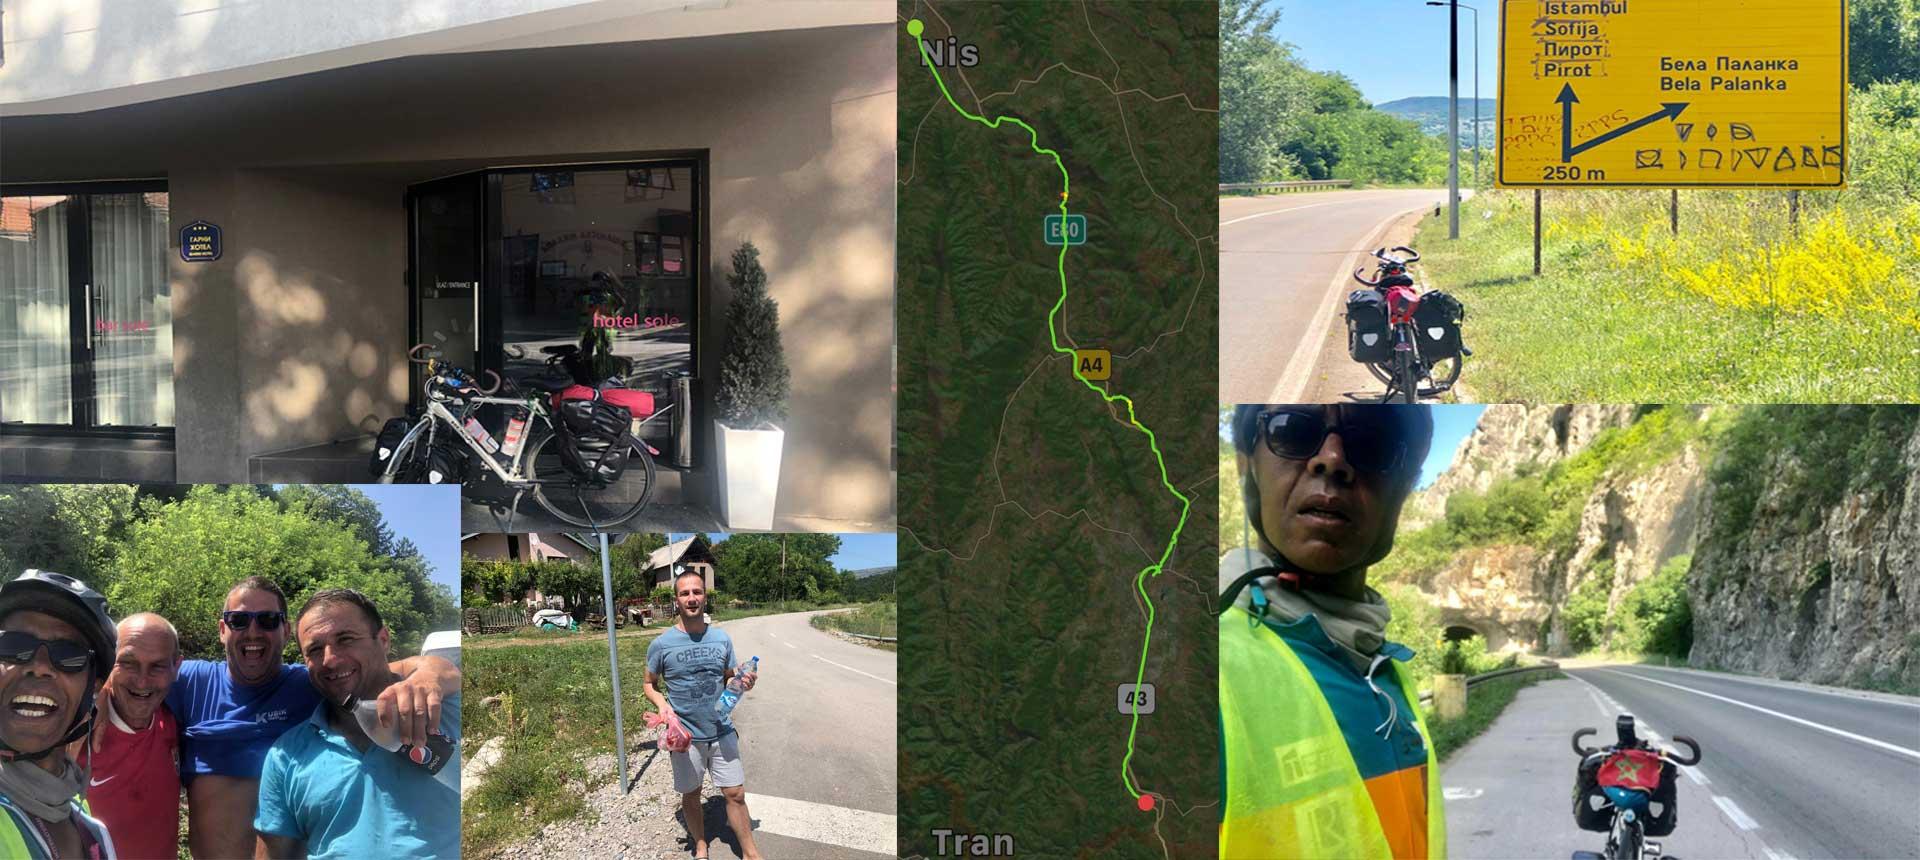 Jour 59 Serbie : De Casa à la Mecque à vélo Karim MOSTA